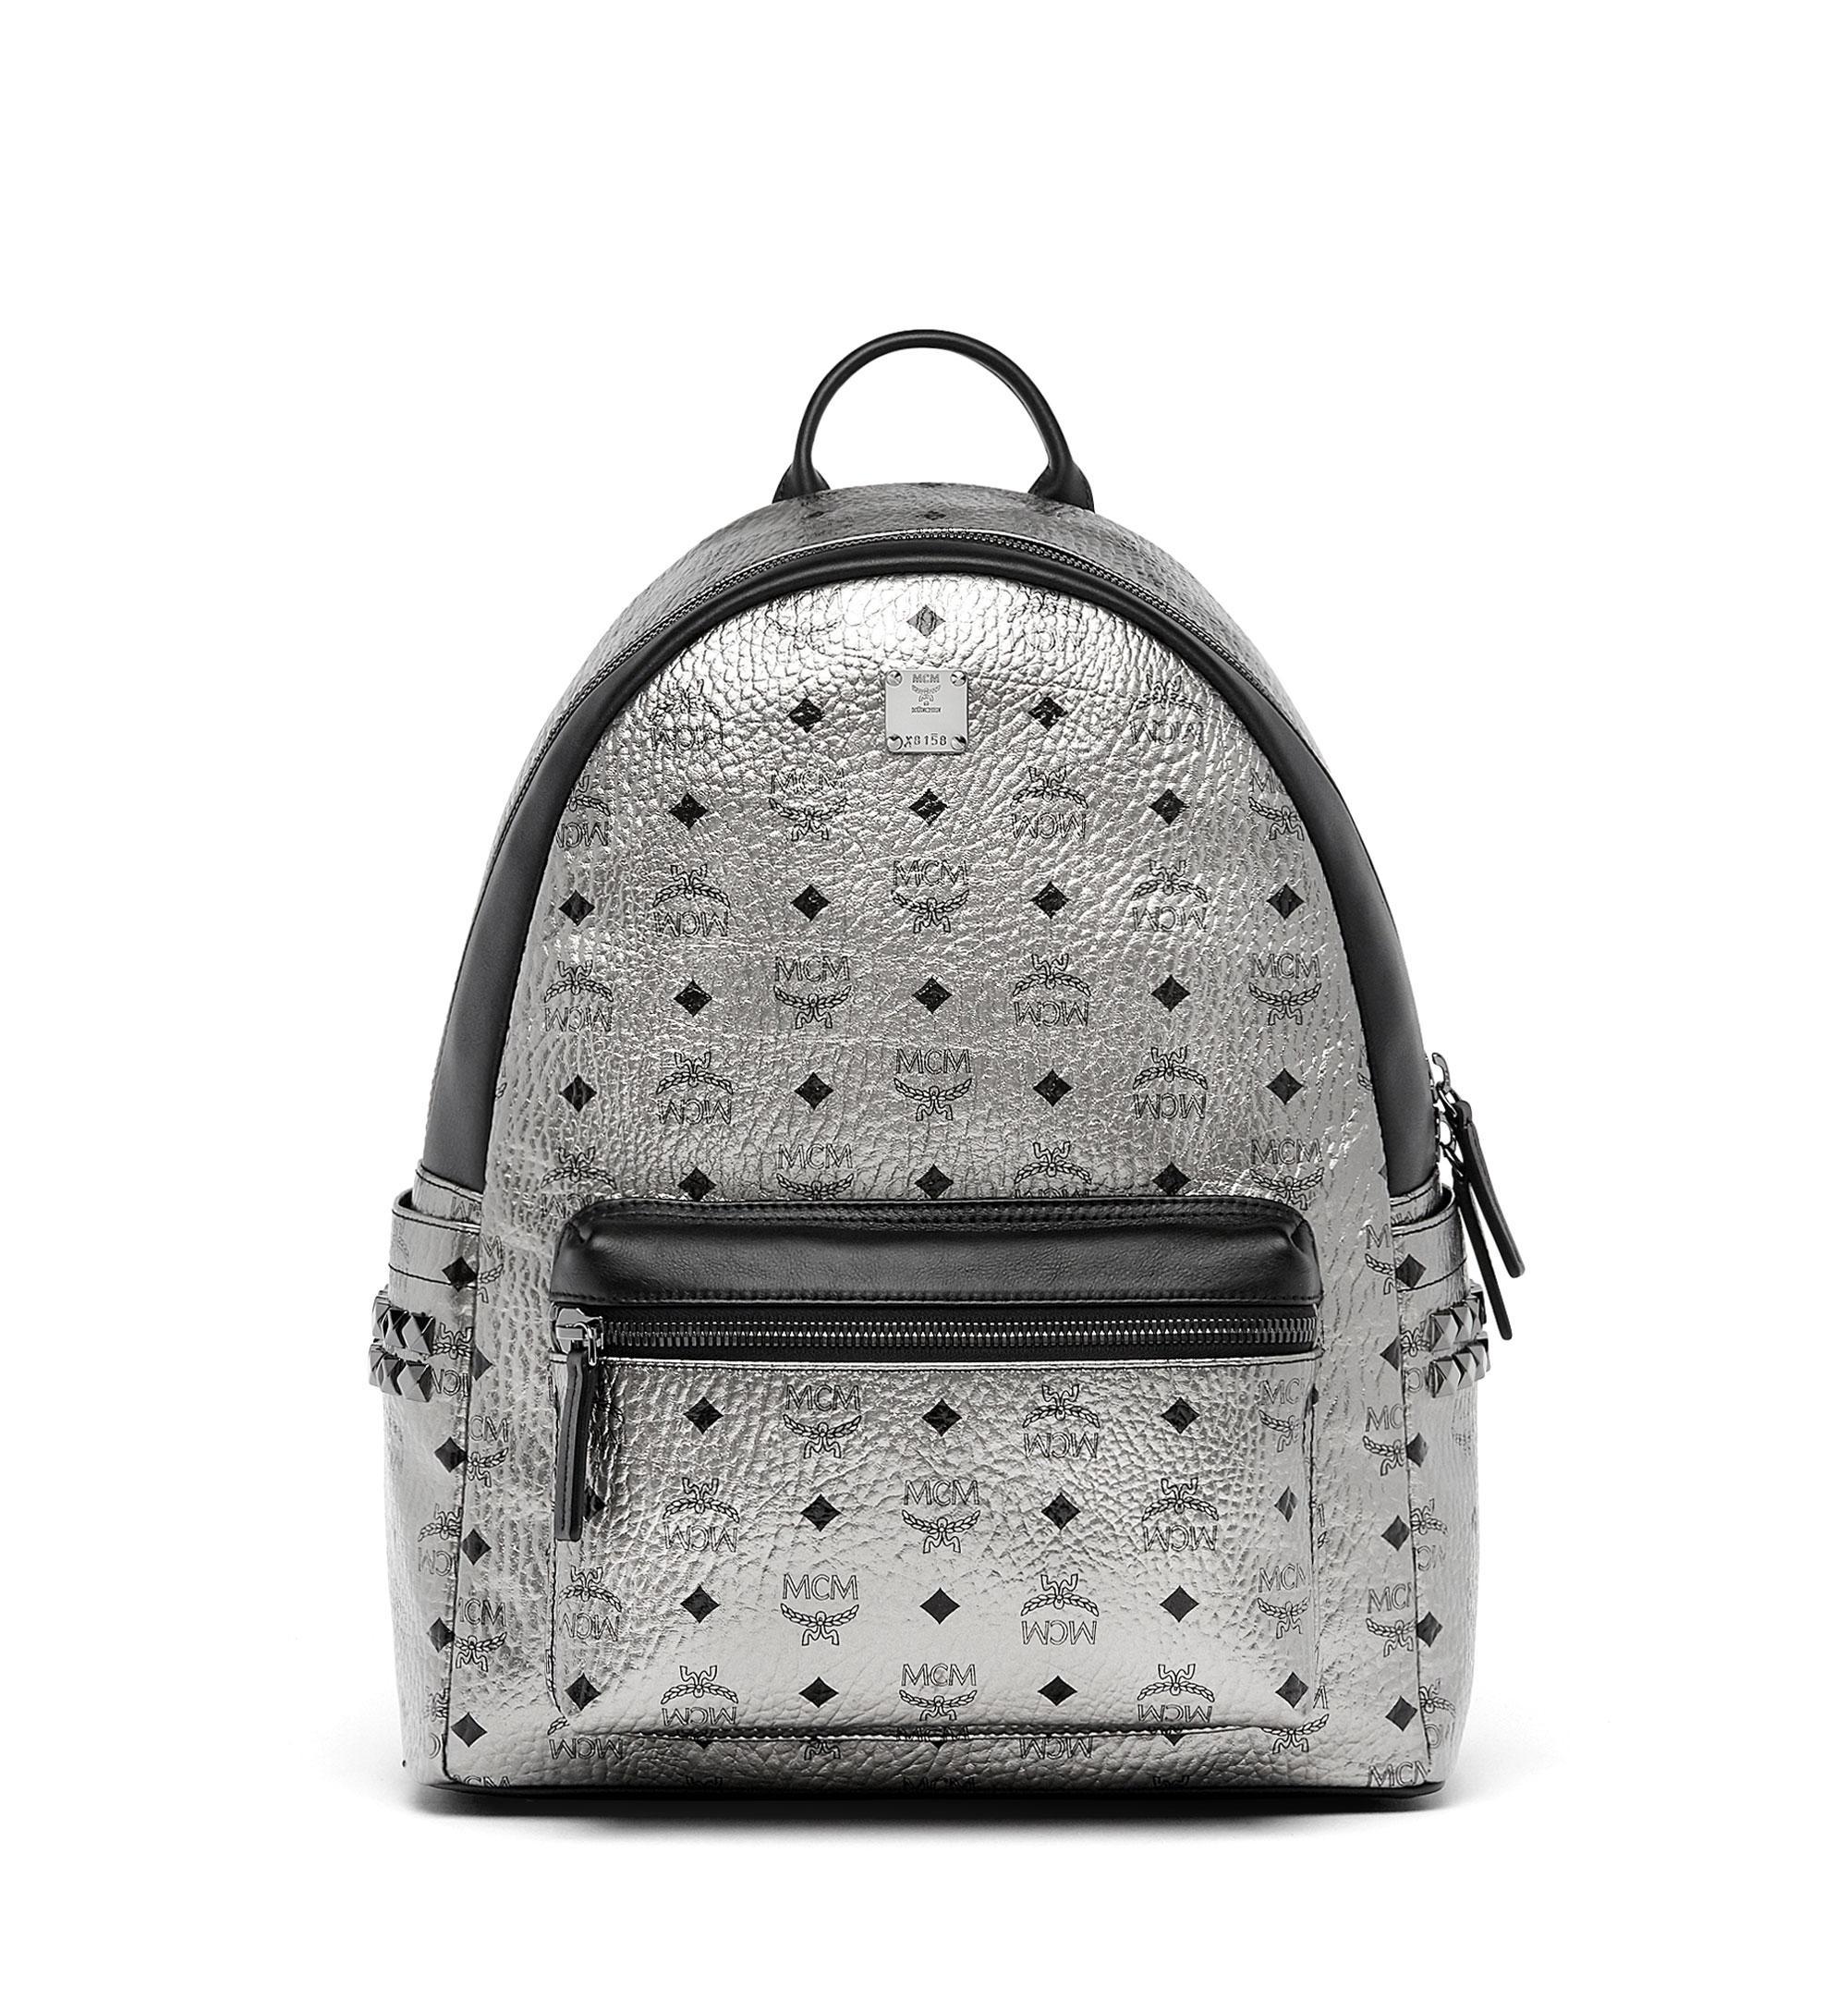 Medium Stark Backpack In Silver By Mcm In Sv